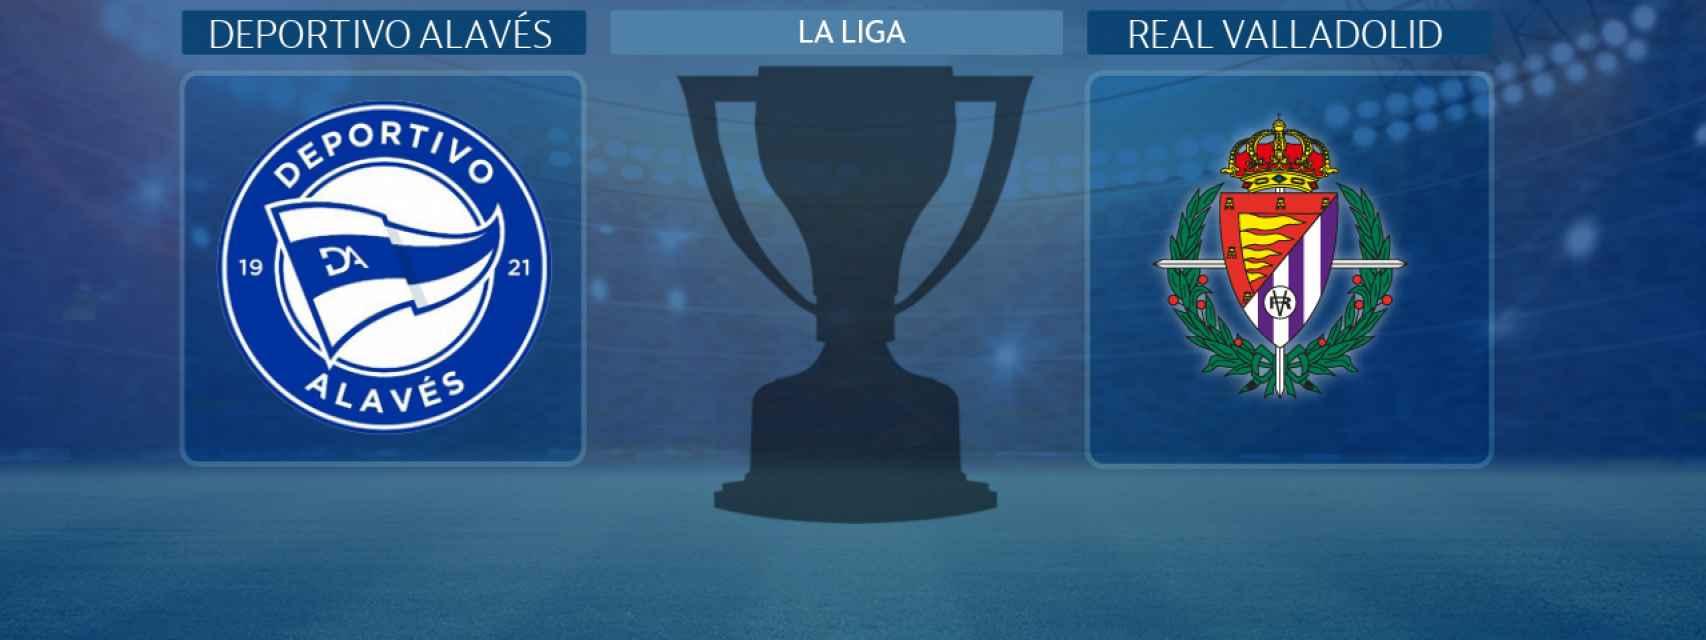 Deportivo Alavés - Real Valladolid, partido de La Liga